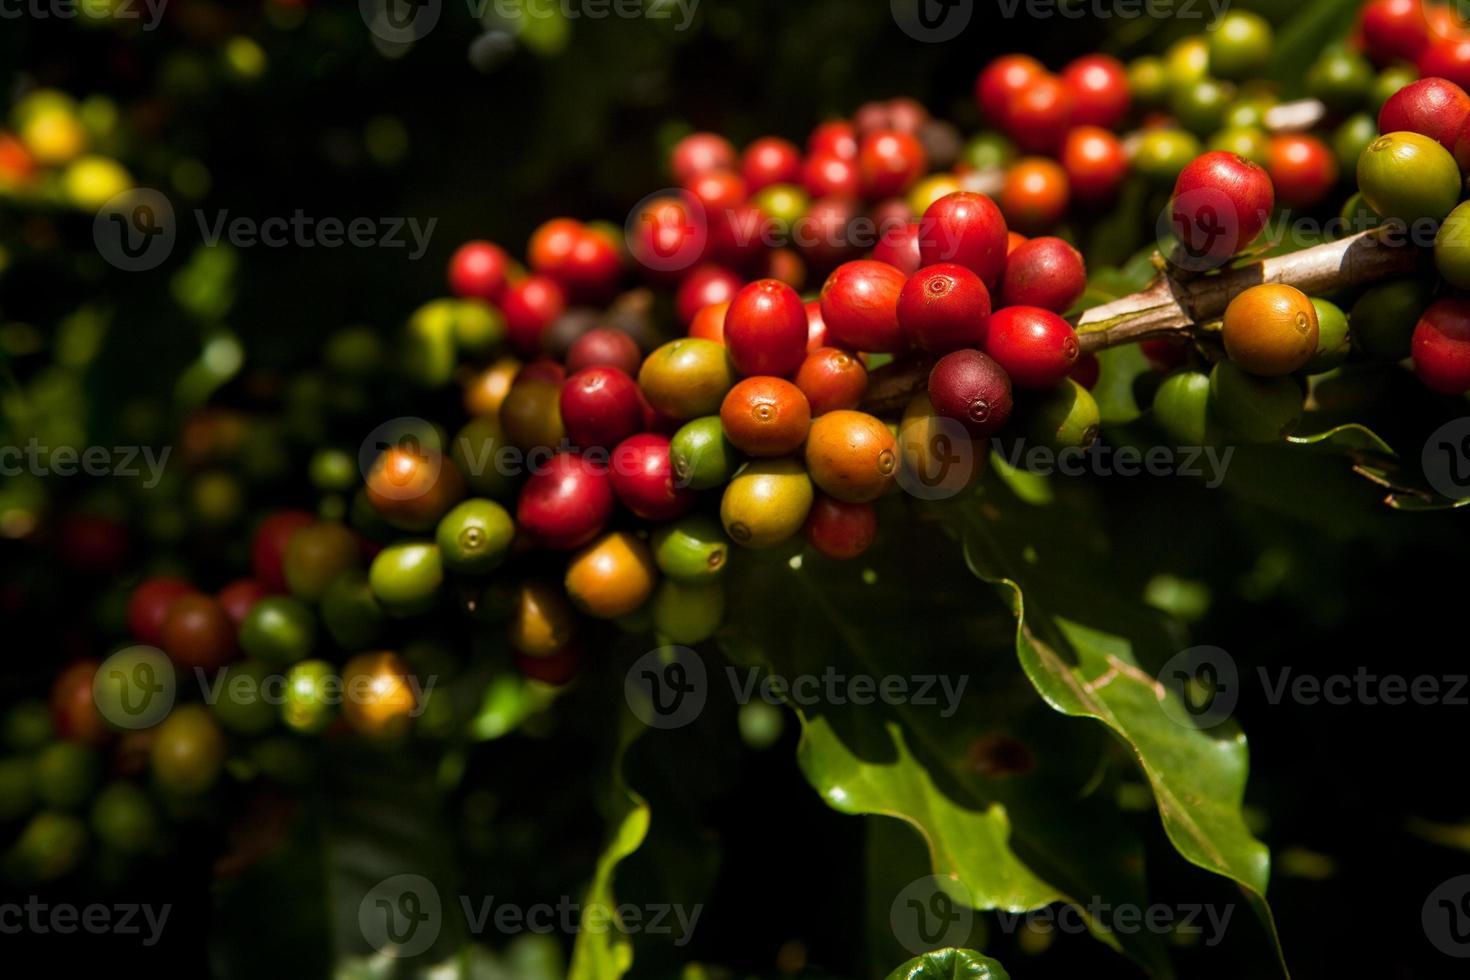 Plantación de cafés especiales en mato grosso - brasil foto